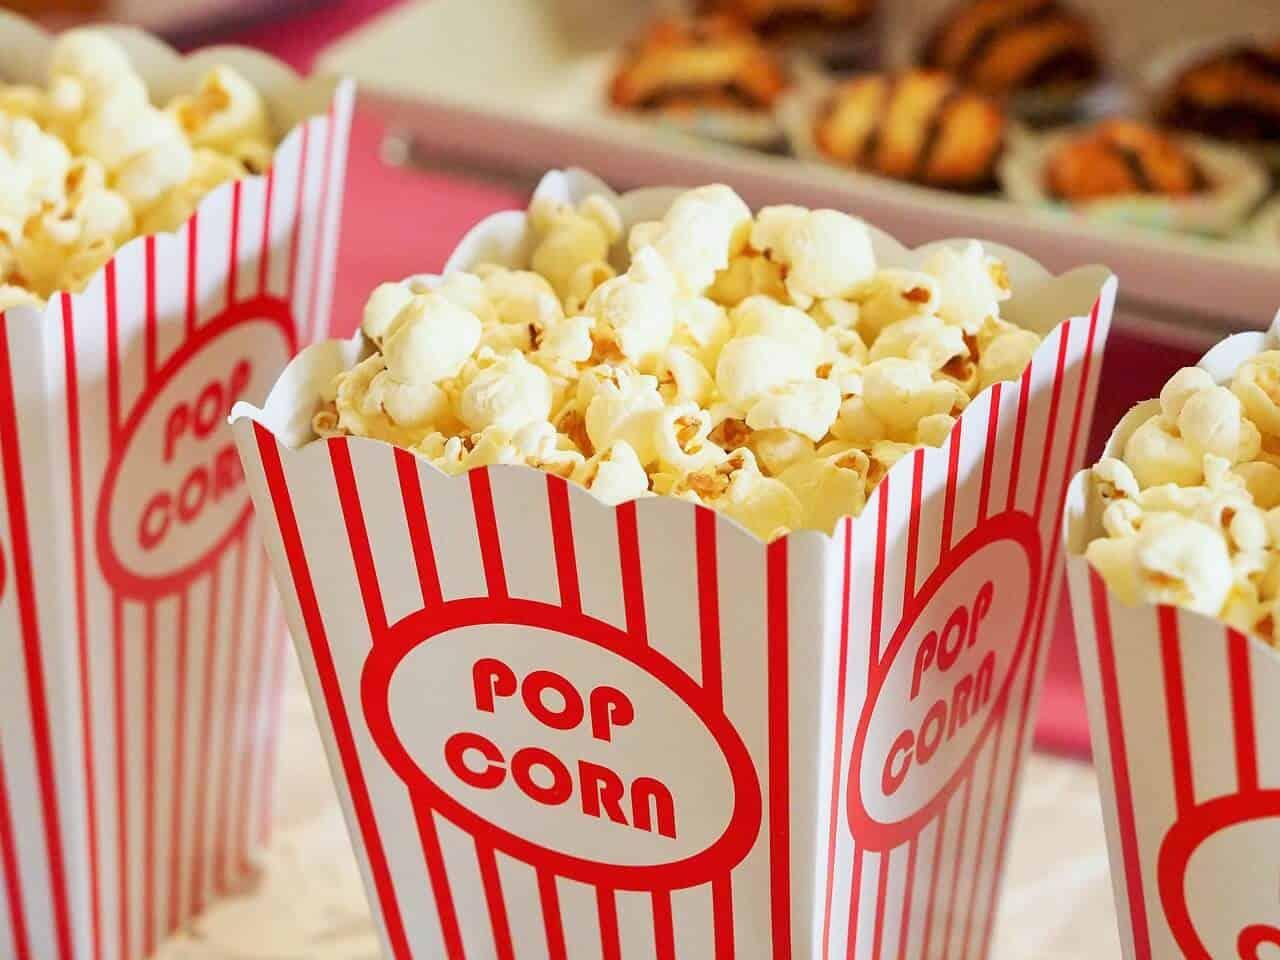 movie theatre popcorn makes me happy